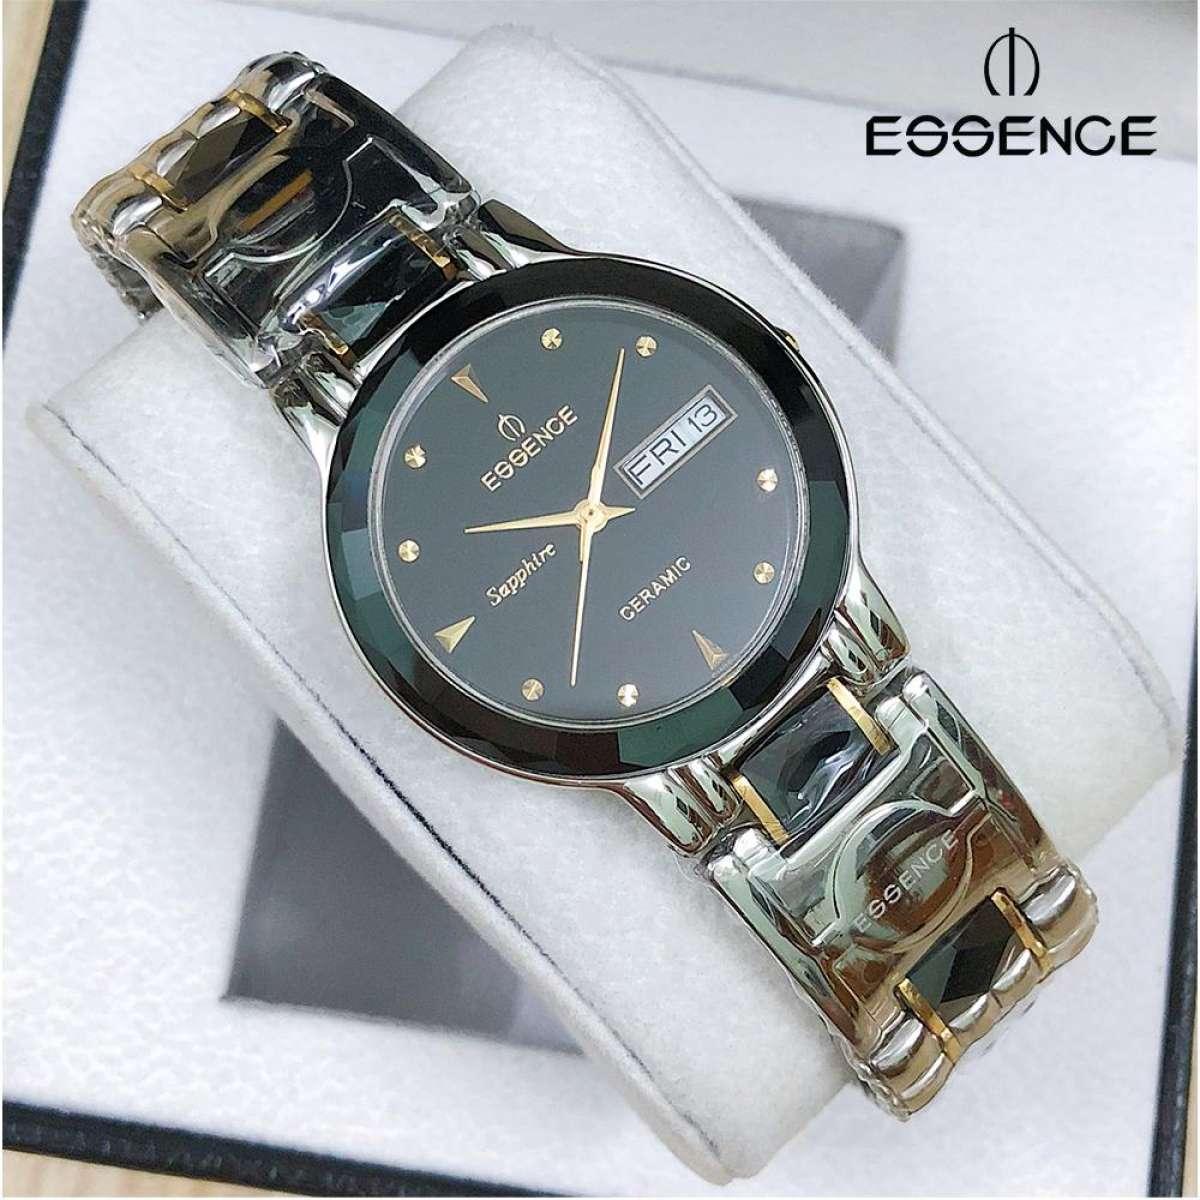 Nơi bán Đồng hồ ESSENCE NAM, kính Saphire, chống nước - Tặng 2 pin thay thế - Casual watch with ESSENCE Style